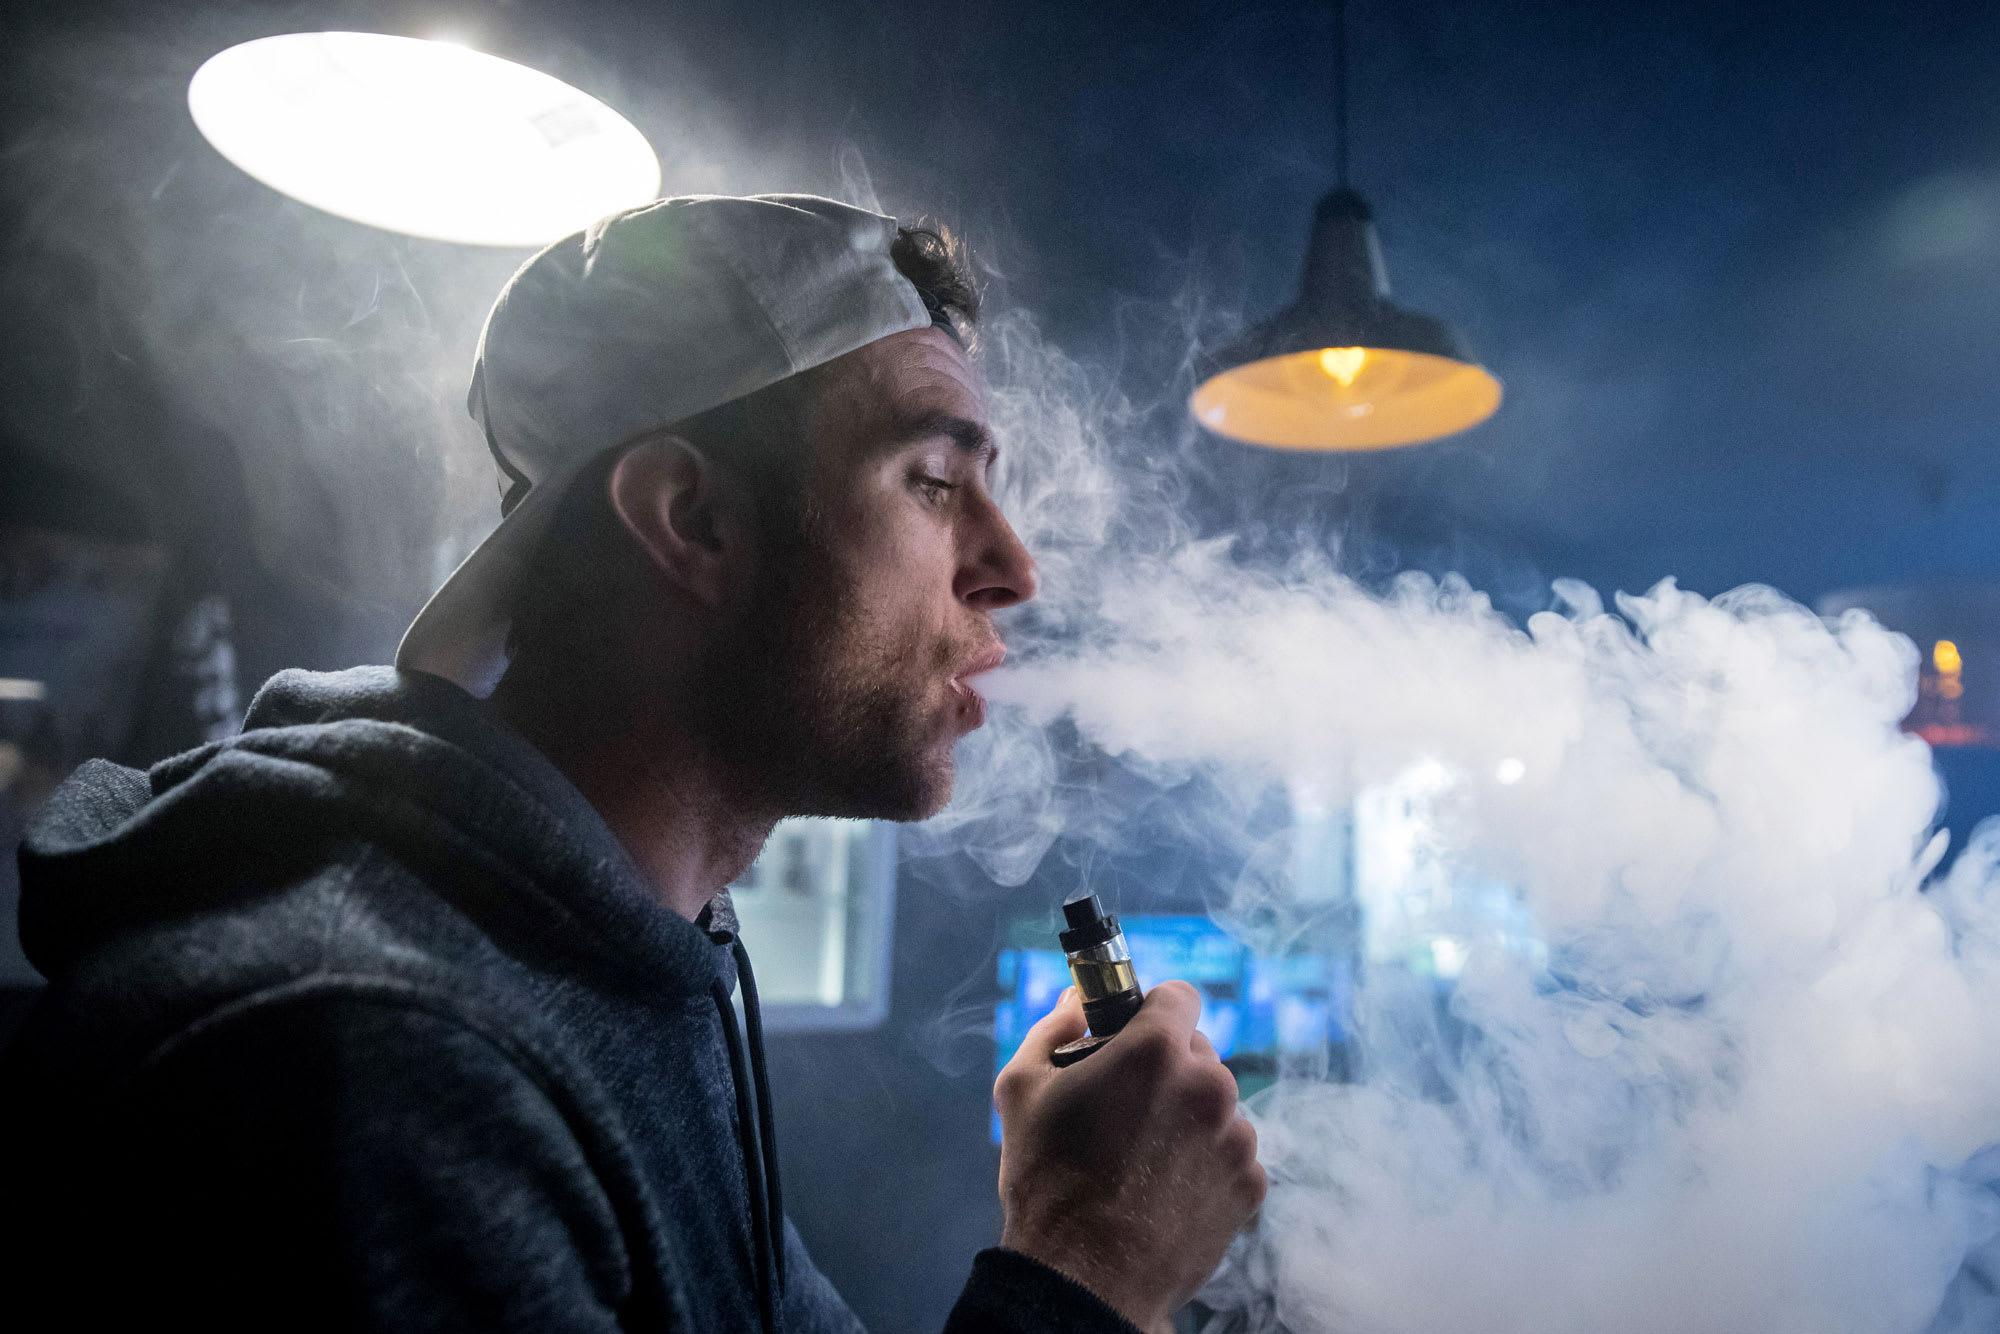 ปัญญาที่พบบ่อยในการใช้งานบุหรี่ไฟฟ้า